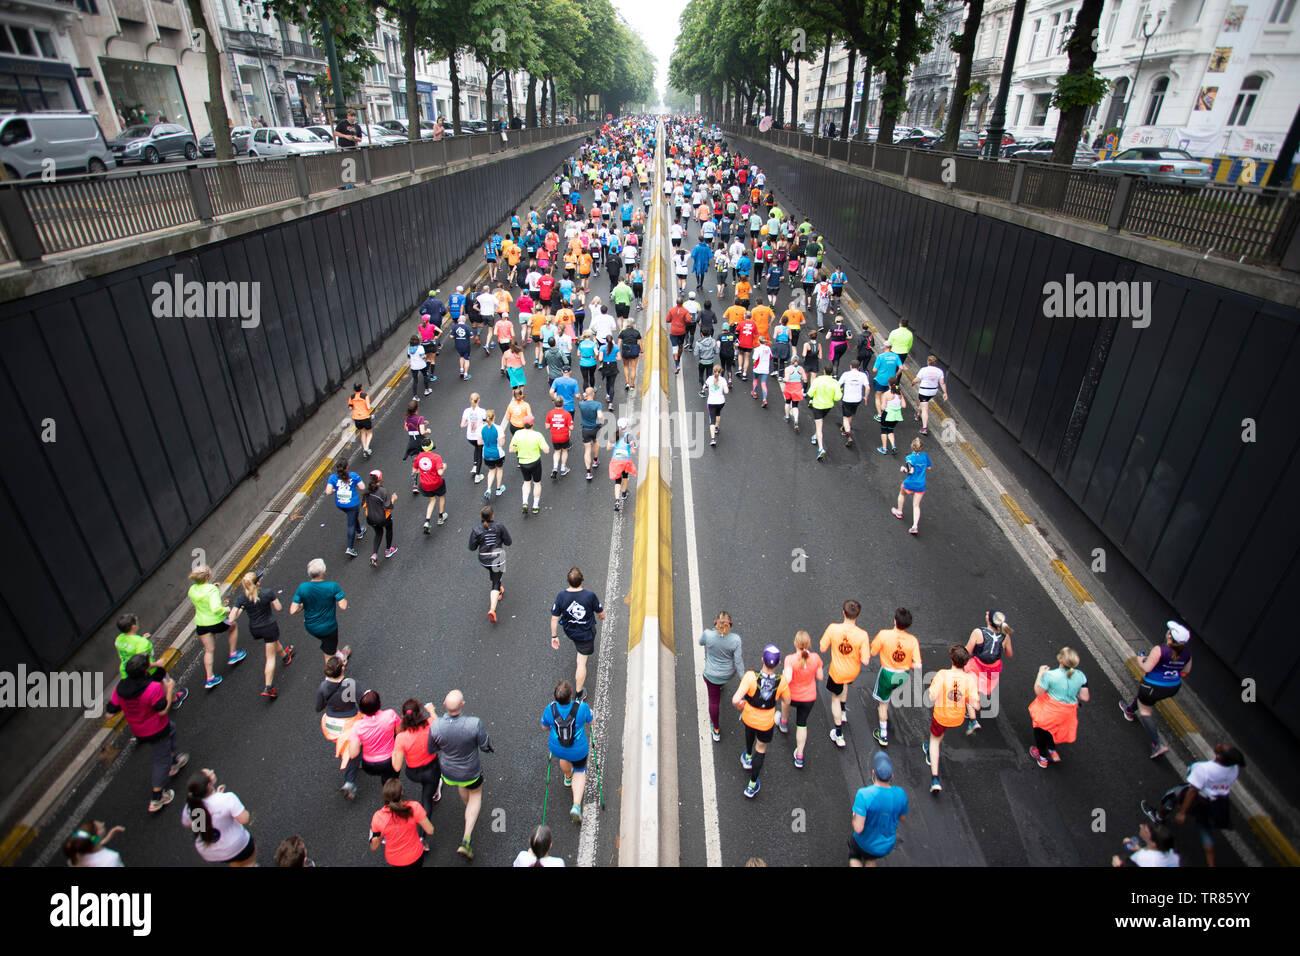 Bruxelles 20 km, esecuzione di Bruxelles a 20 km, mezza maratona, Bruxelles, Belgio Immagini Stock